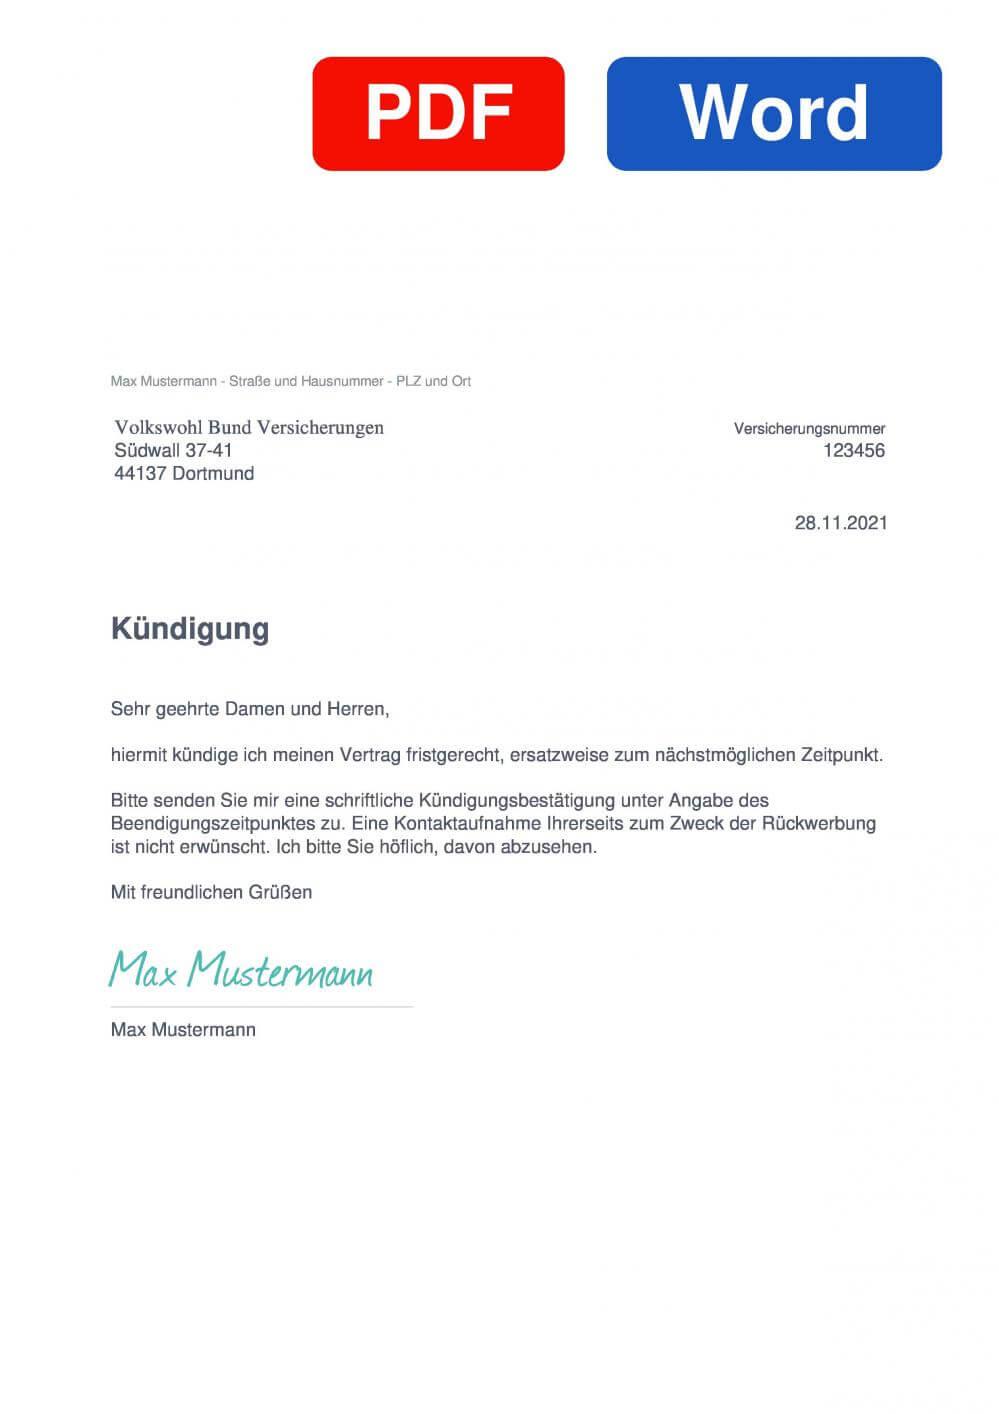 Volkswohl Bund Versicherung Muster Vorlage für Kündigungsschreiben